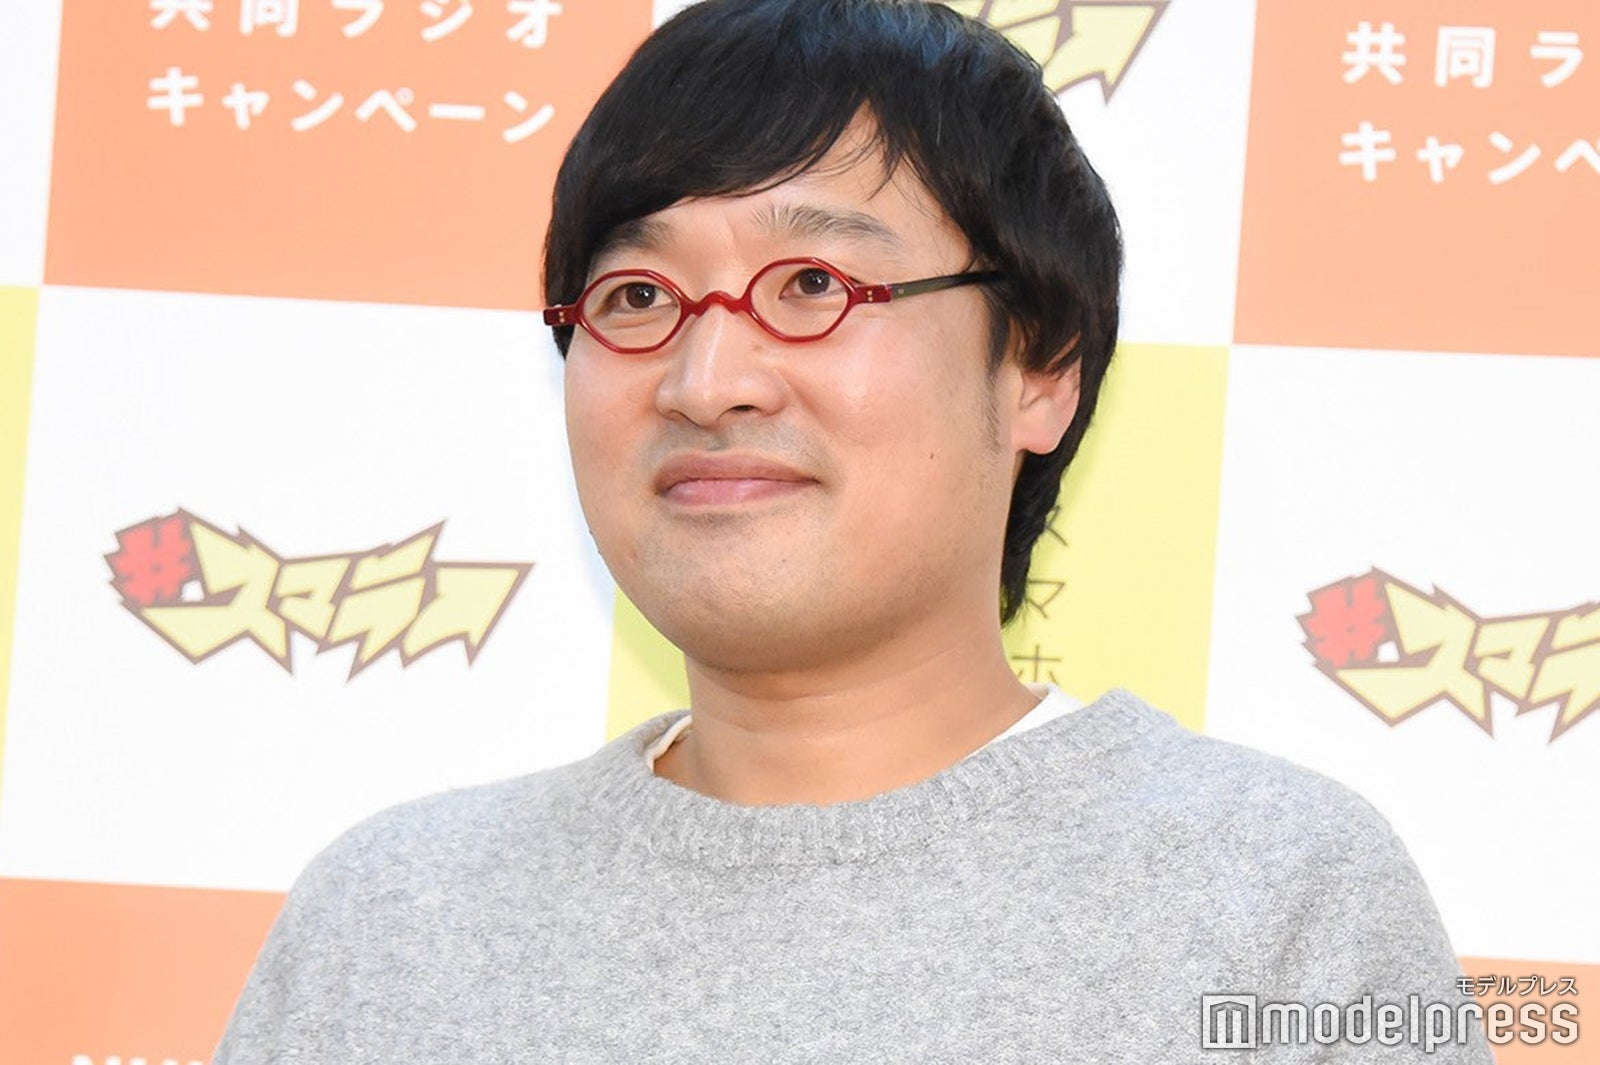 南キャン山里亮太「テラハ」木村花さん訃報にコメント「その姿の裏にある苦悩に気づけなかったのか…」